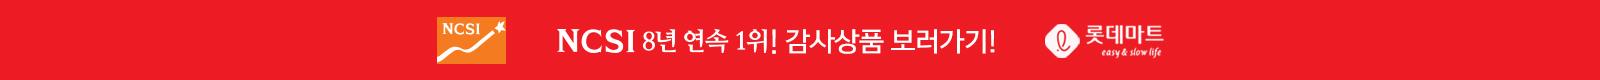 NCSI 8년 연속 1위 일별한정 감사상품 보러가기